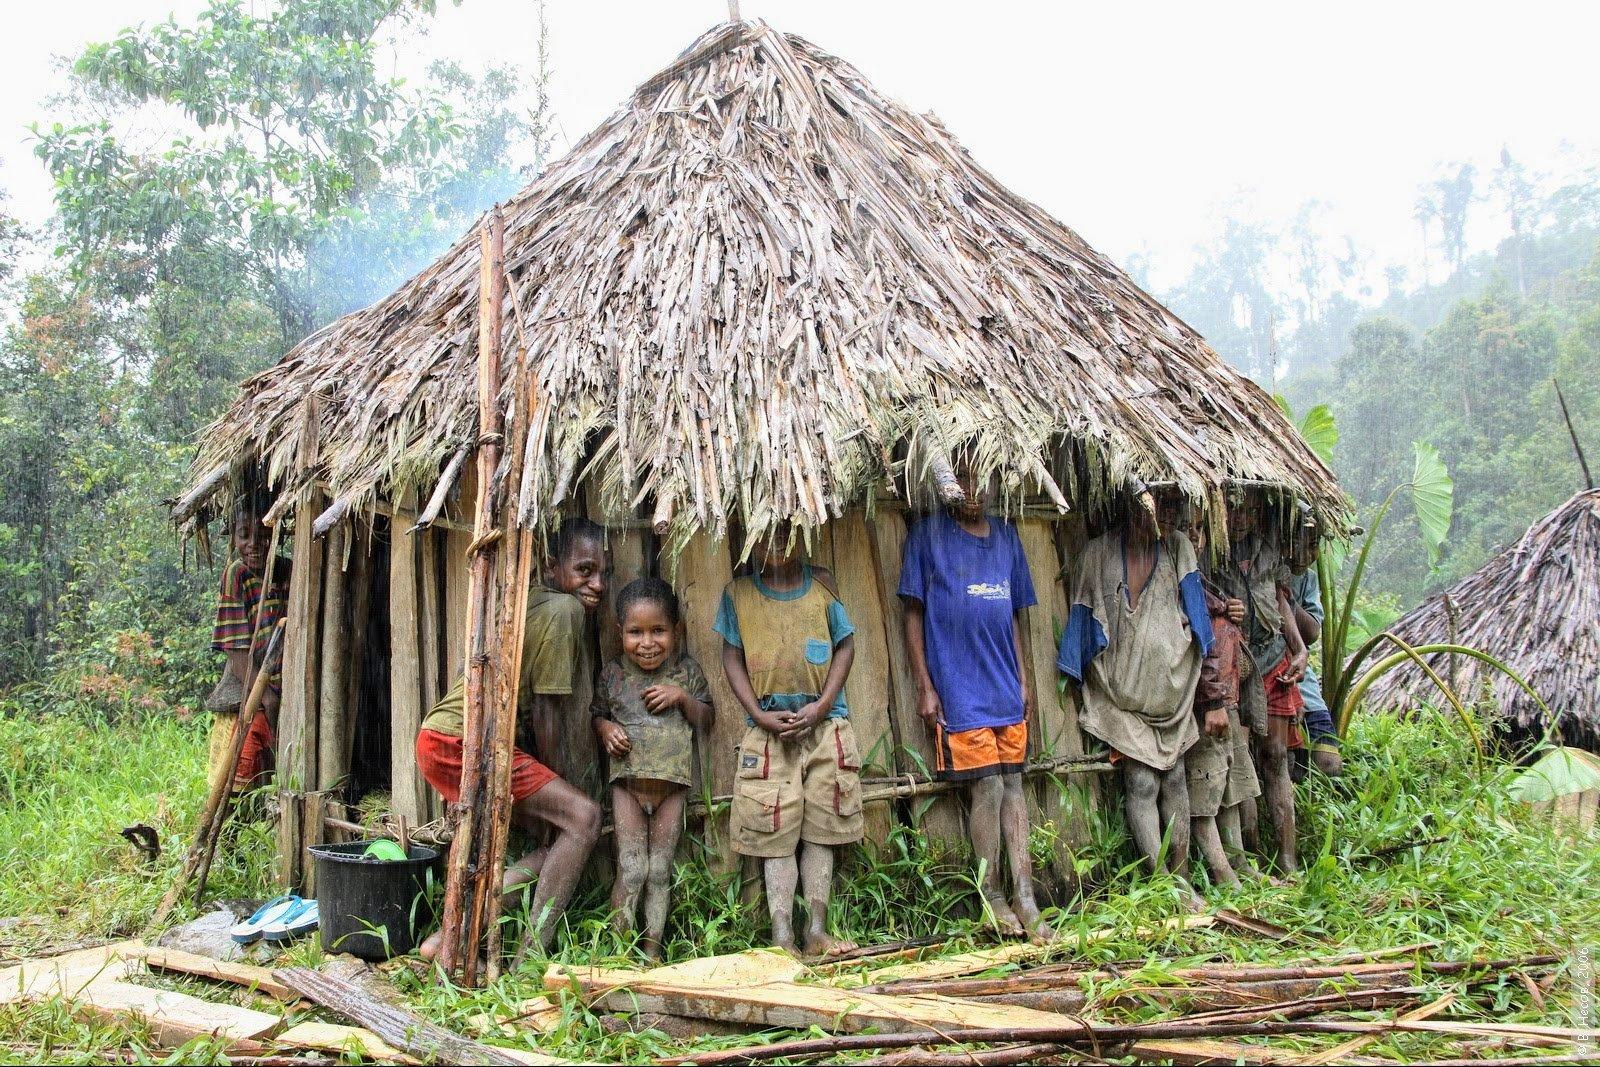 Putovanje Indonezija - Papua - Festival i treking u dolini Baliem (6)